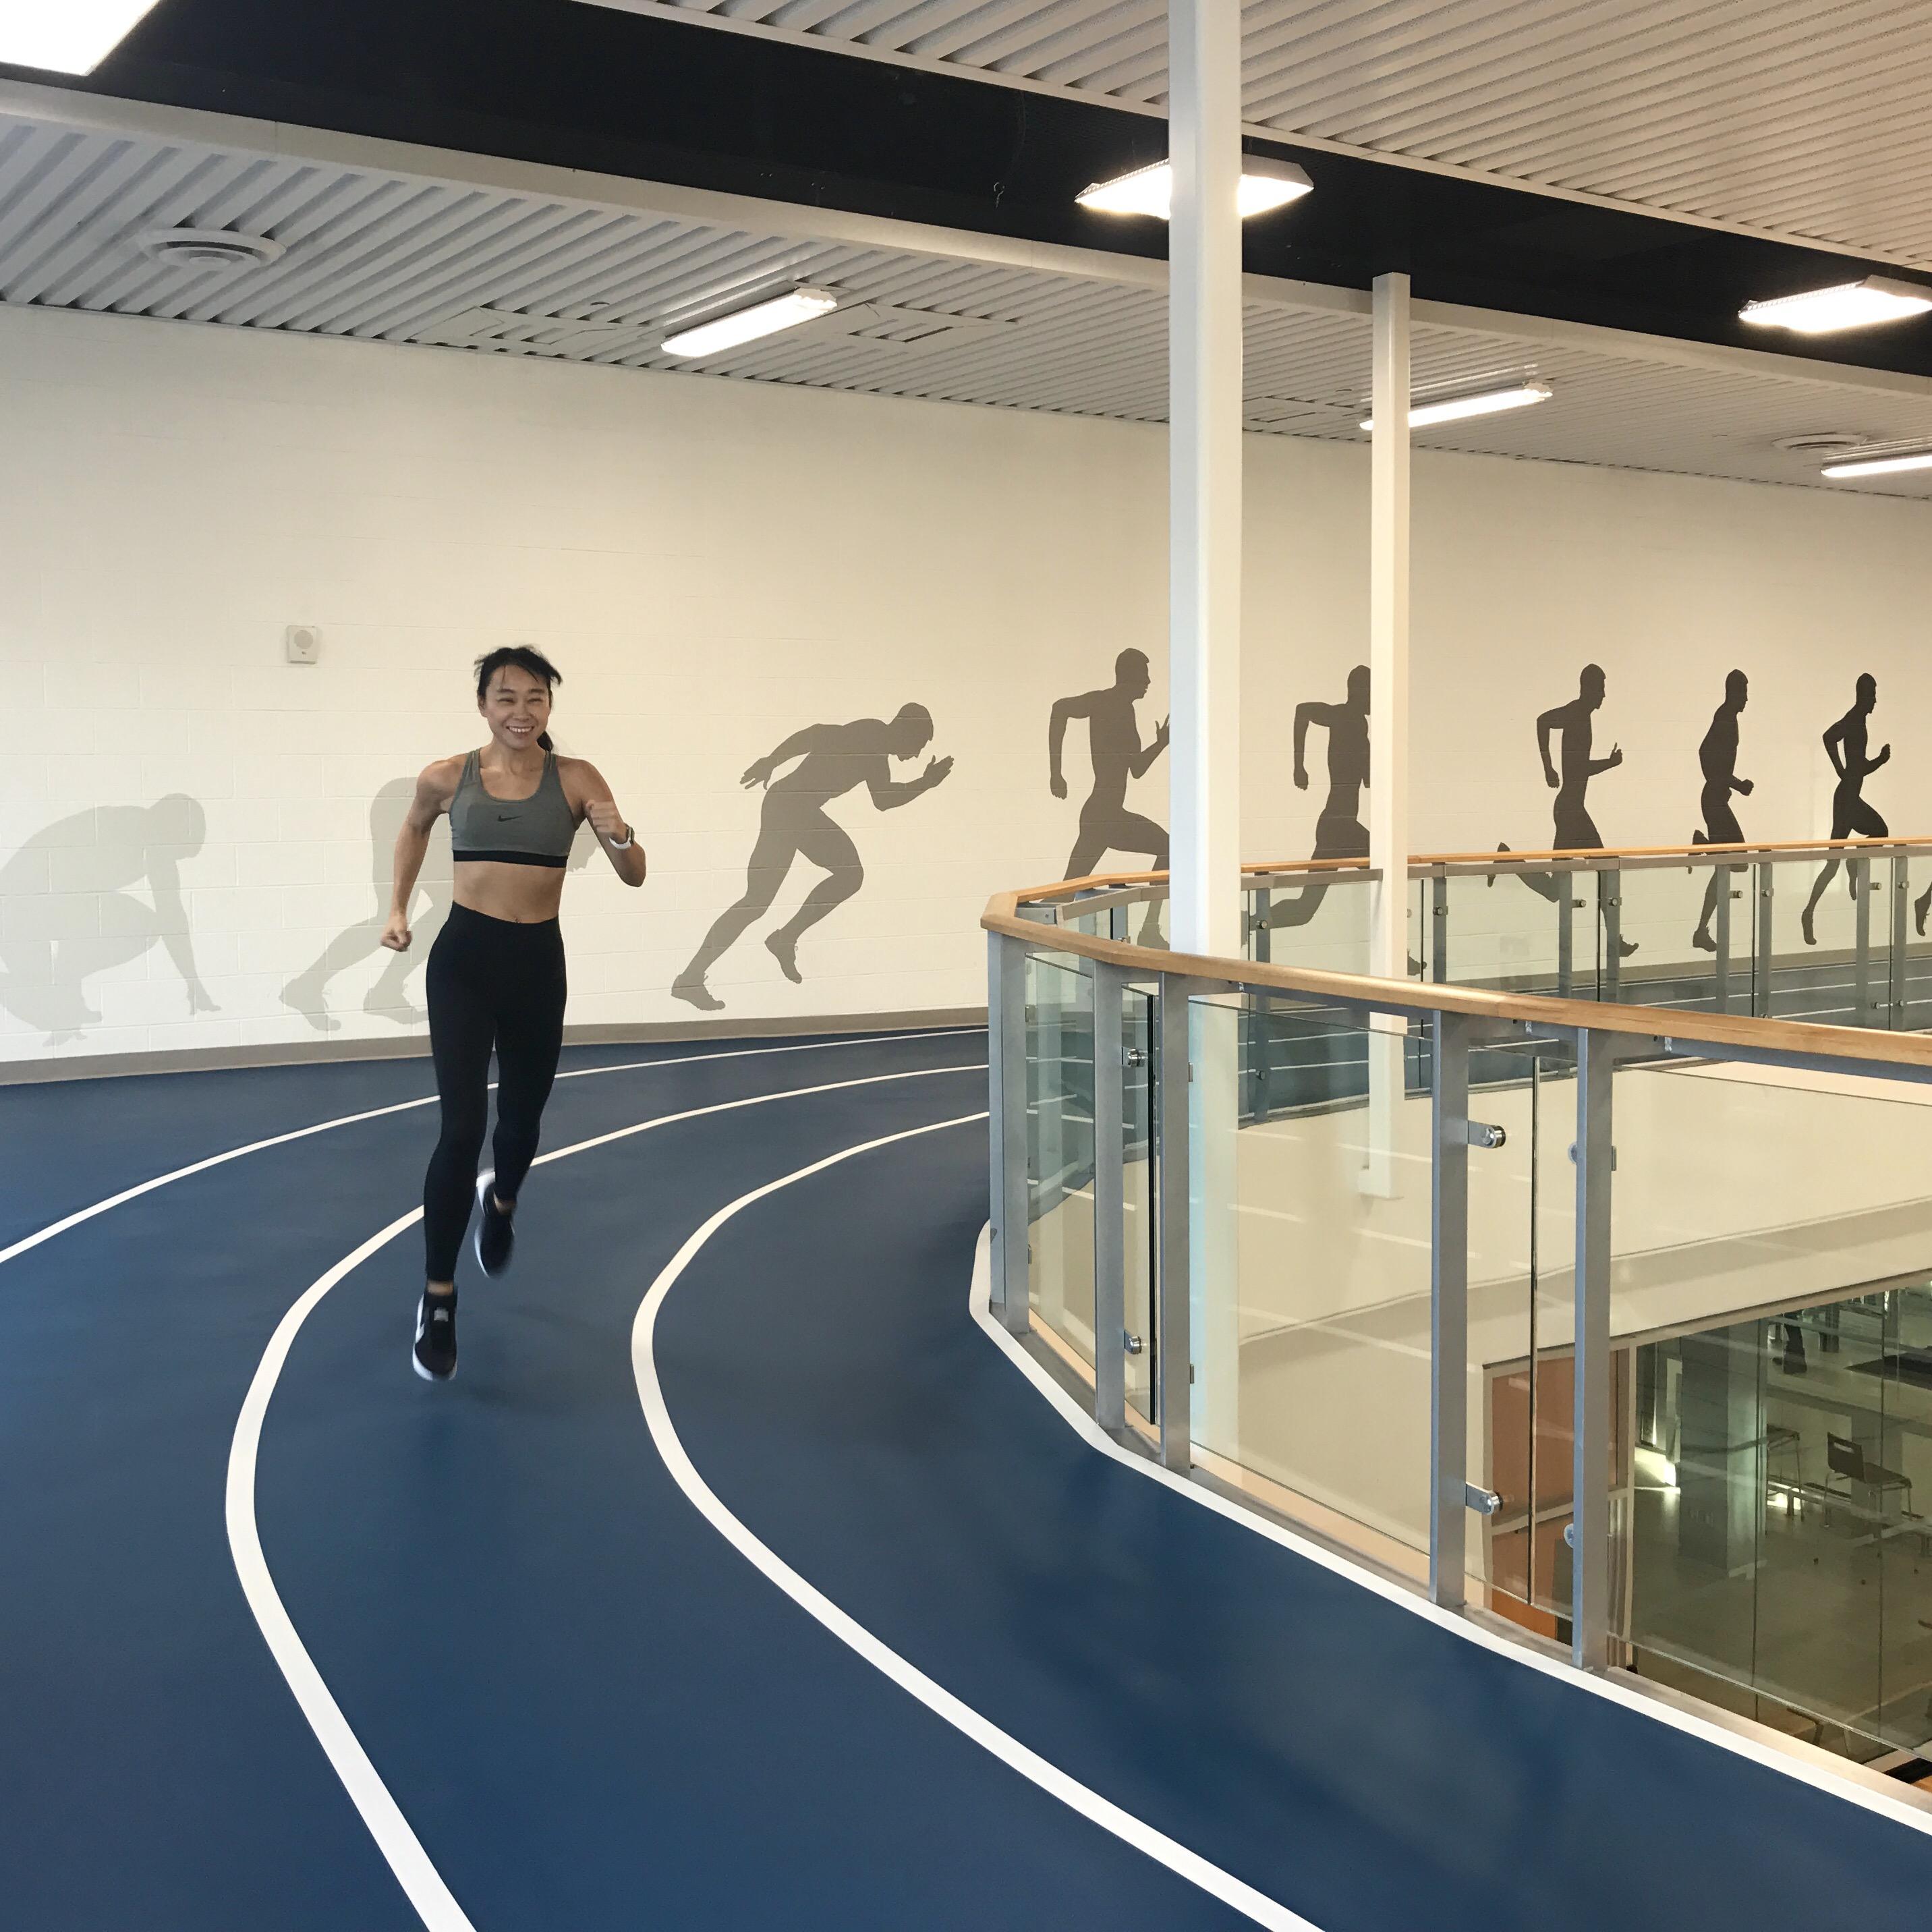 YMCA running track